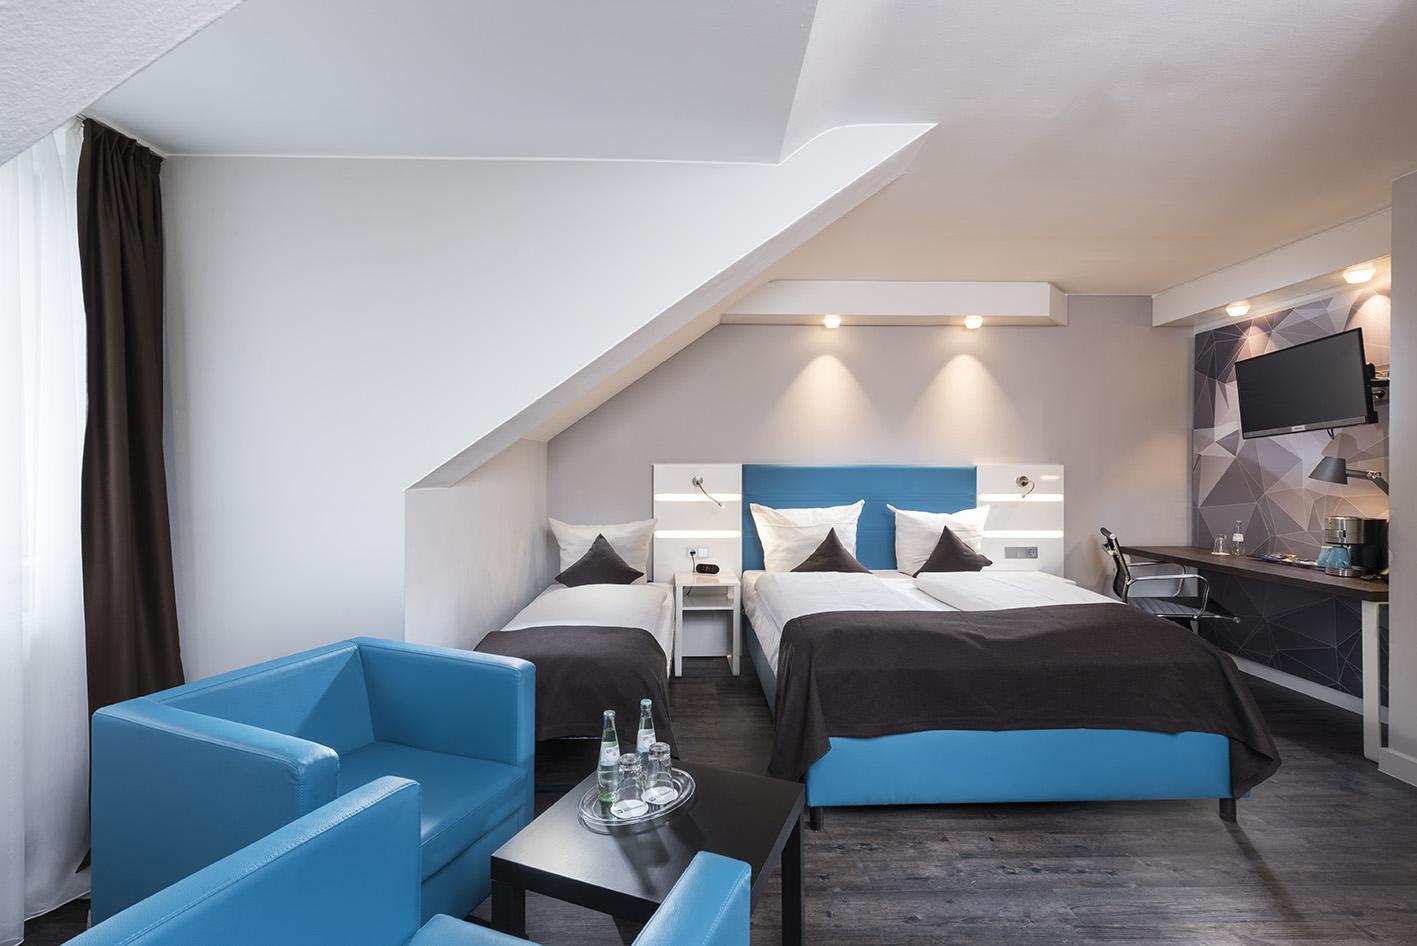 Hotelzimmer flughafen k ln bonn cgn best western hotel for Koln zimmer